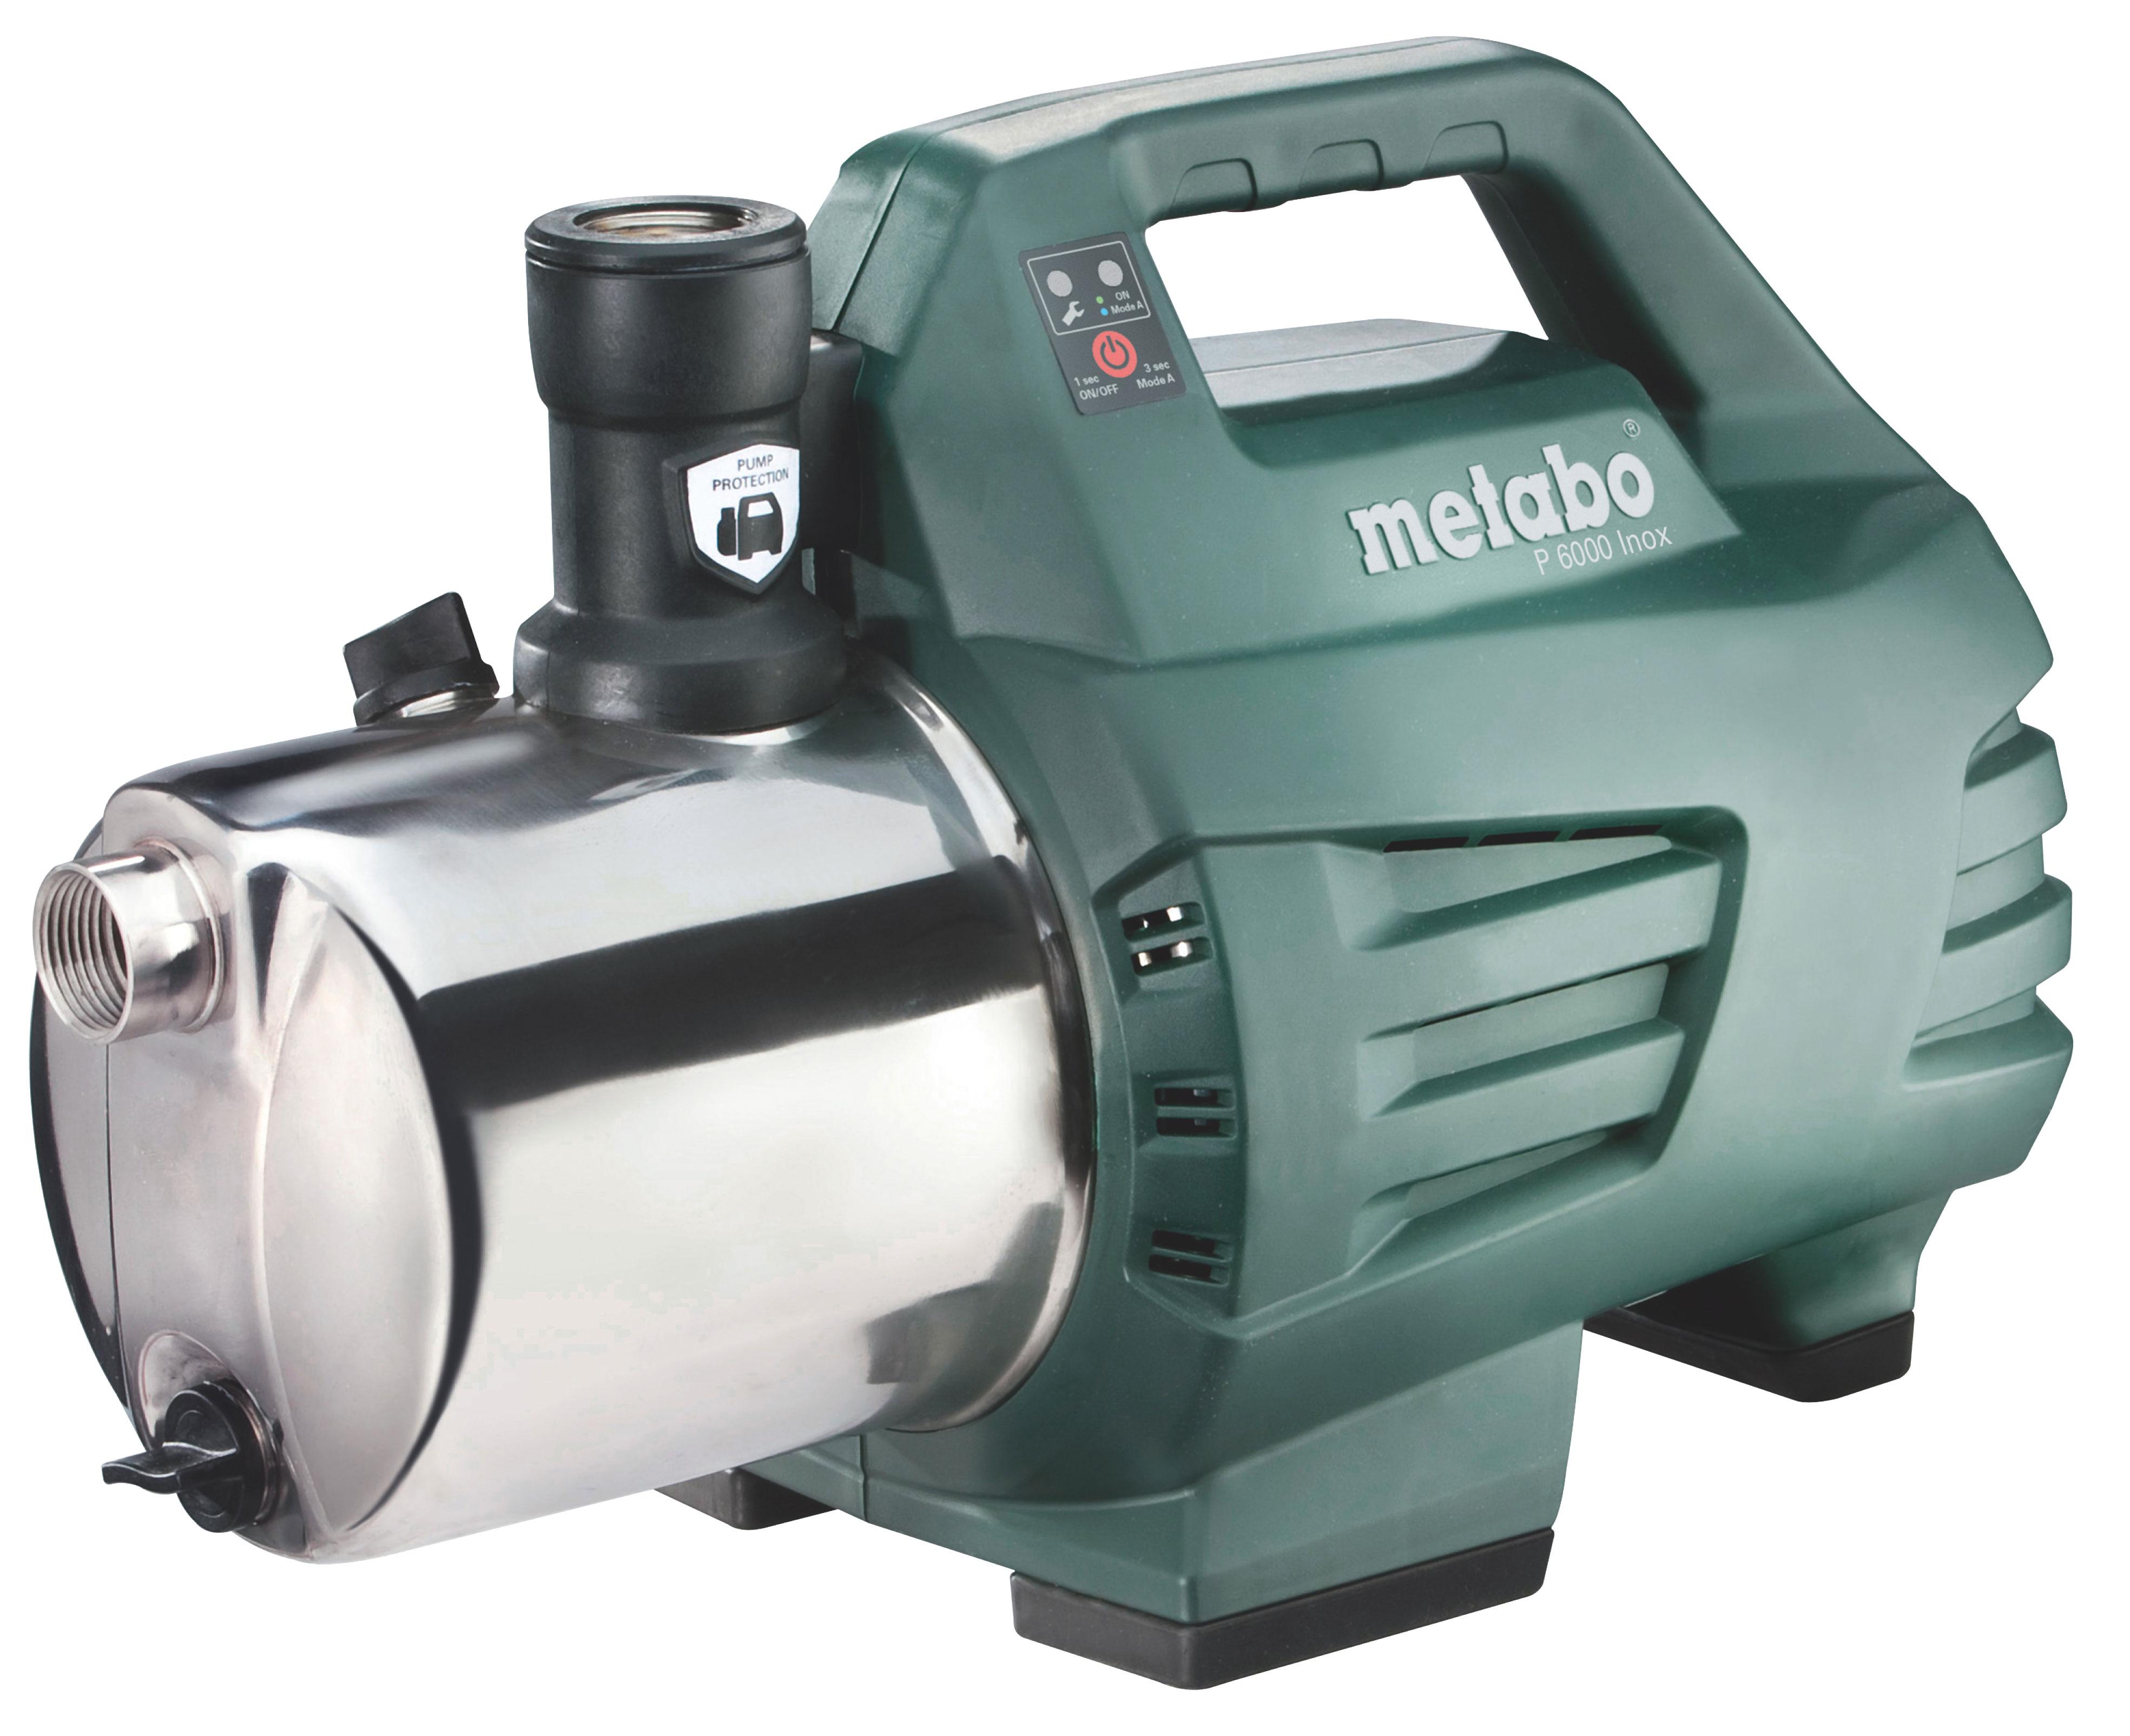 Metabo Gartenpumpe P 6000 Inox 1300 Watt Bild 1